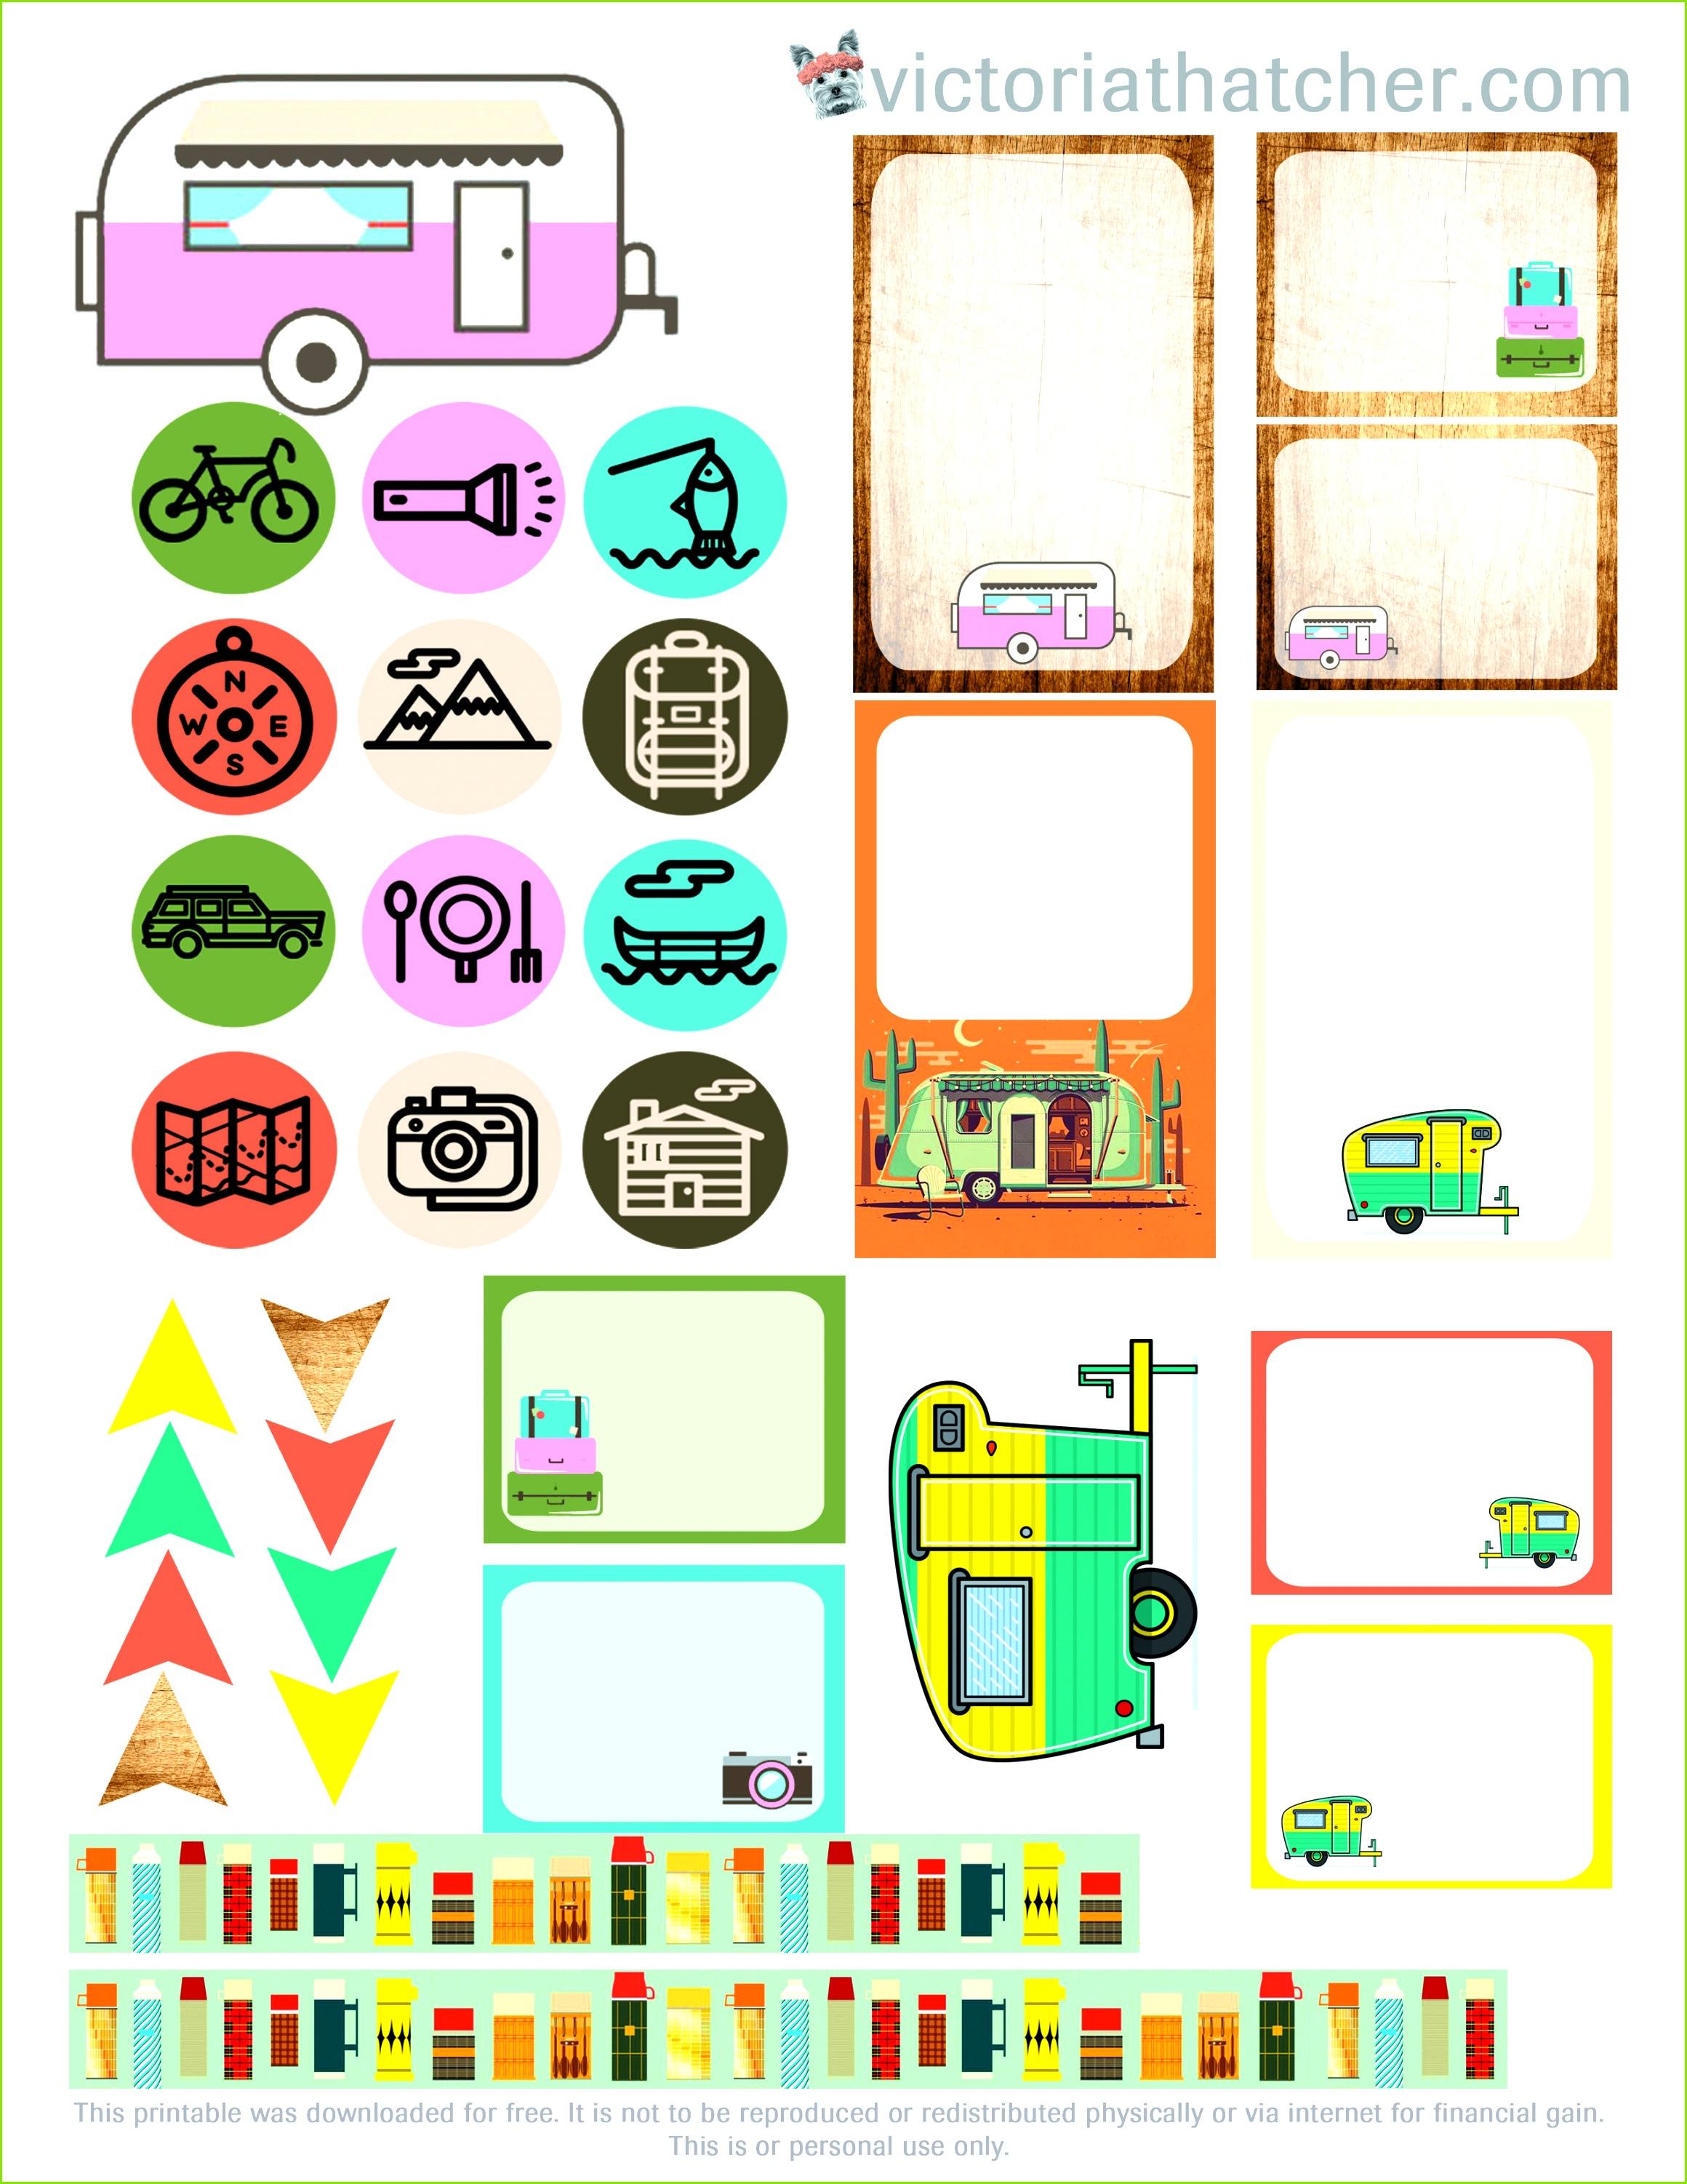 Druckbare Planeraufkleber Victoria Thatcher Planner Printables Kalender 2016 Aufkleber Kostenlos Planer Terminplaner Seiten Glückskalender